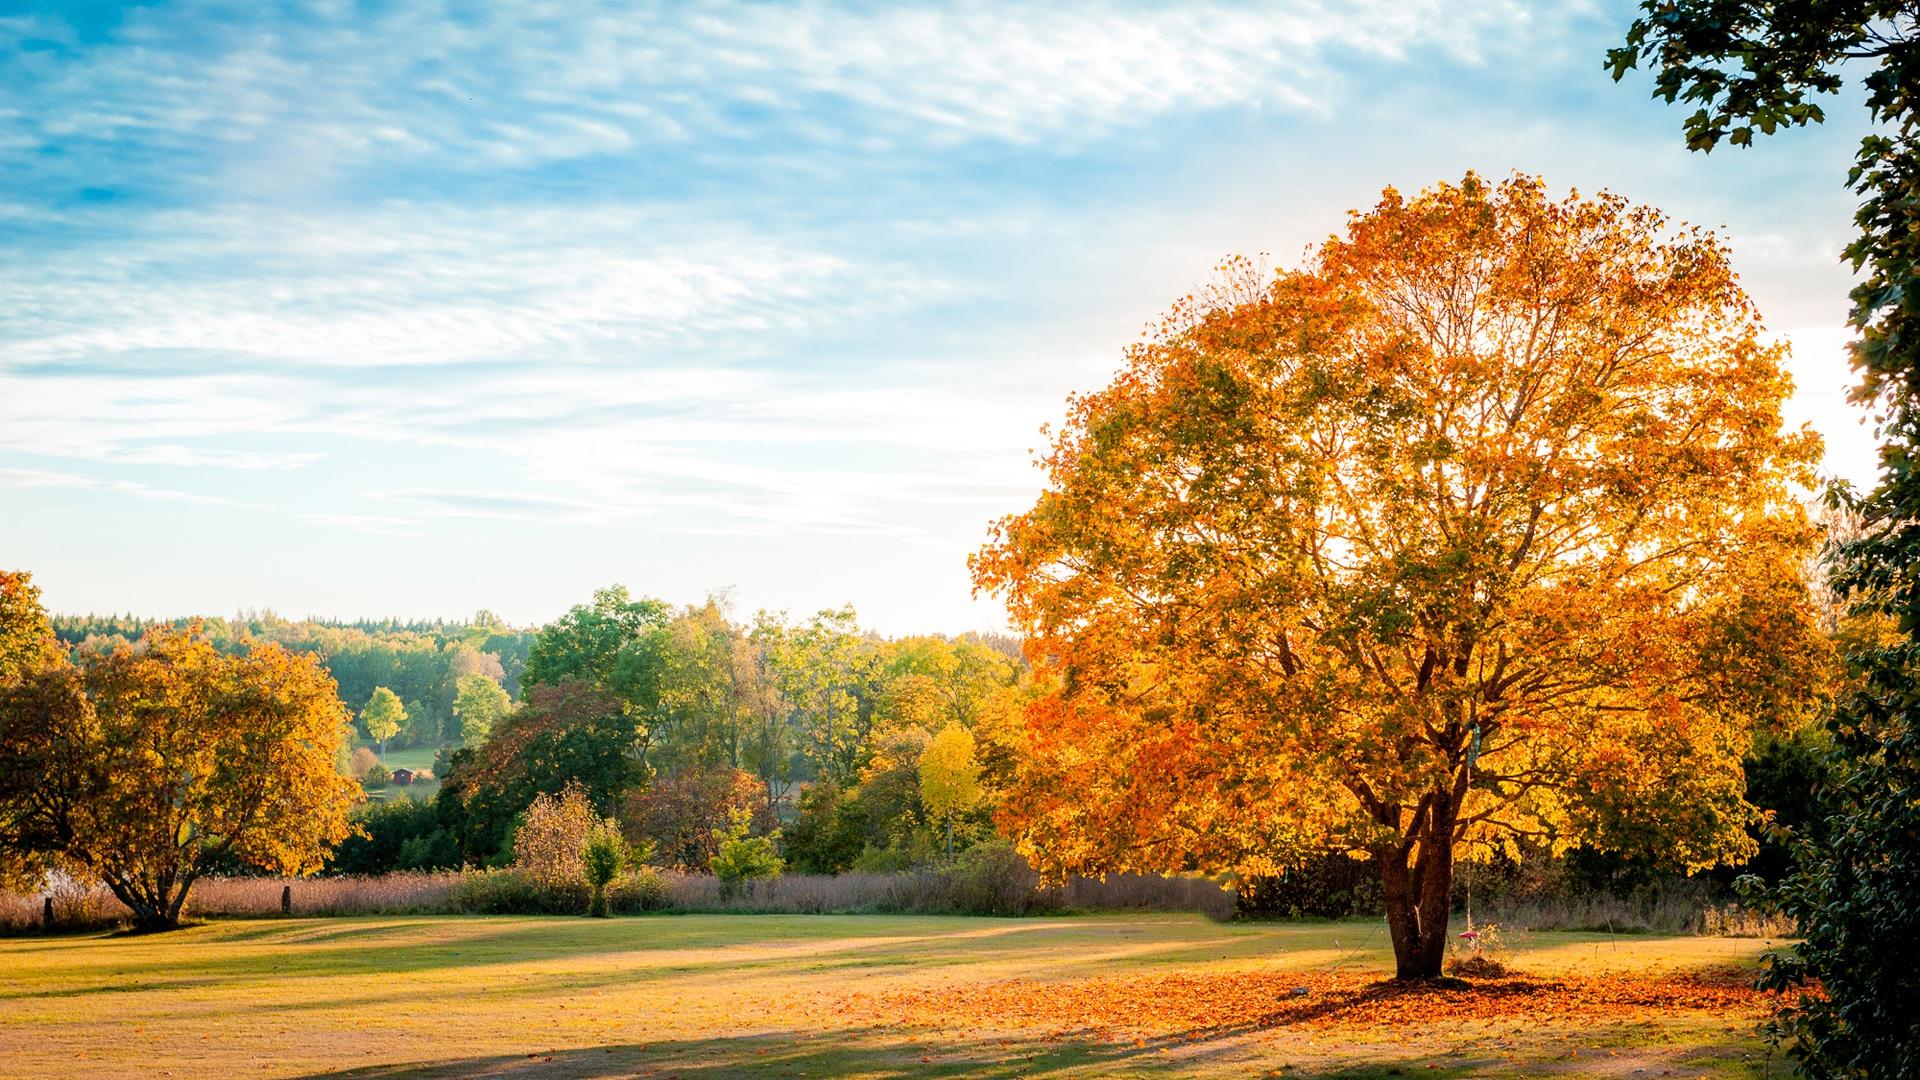 download live wallpapers hd wallpaper unionfonds du002639;u00e9cran paysage, automne de la nature, les arbres, les feuilles